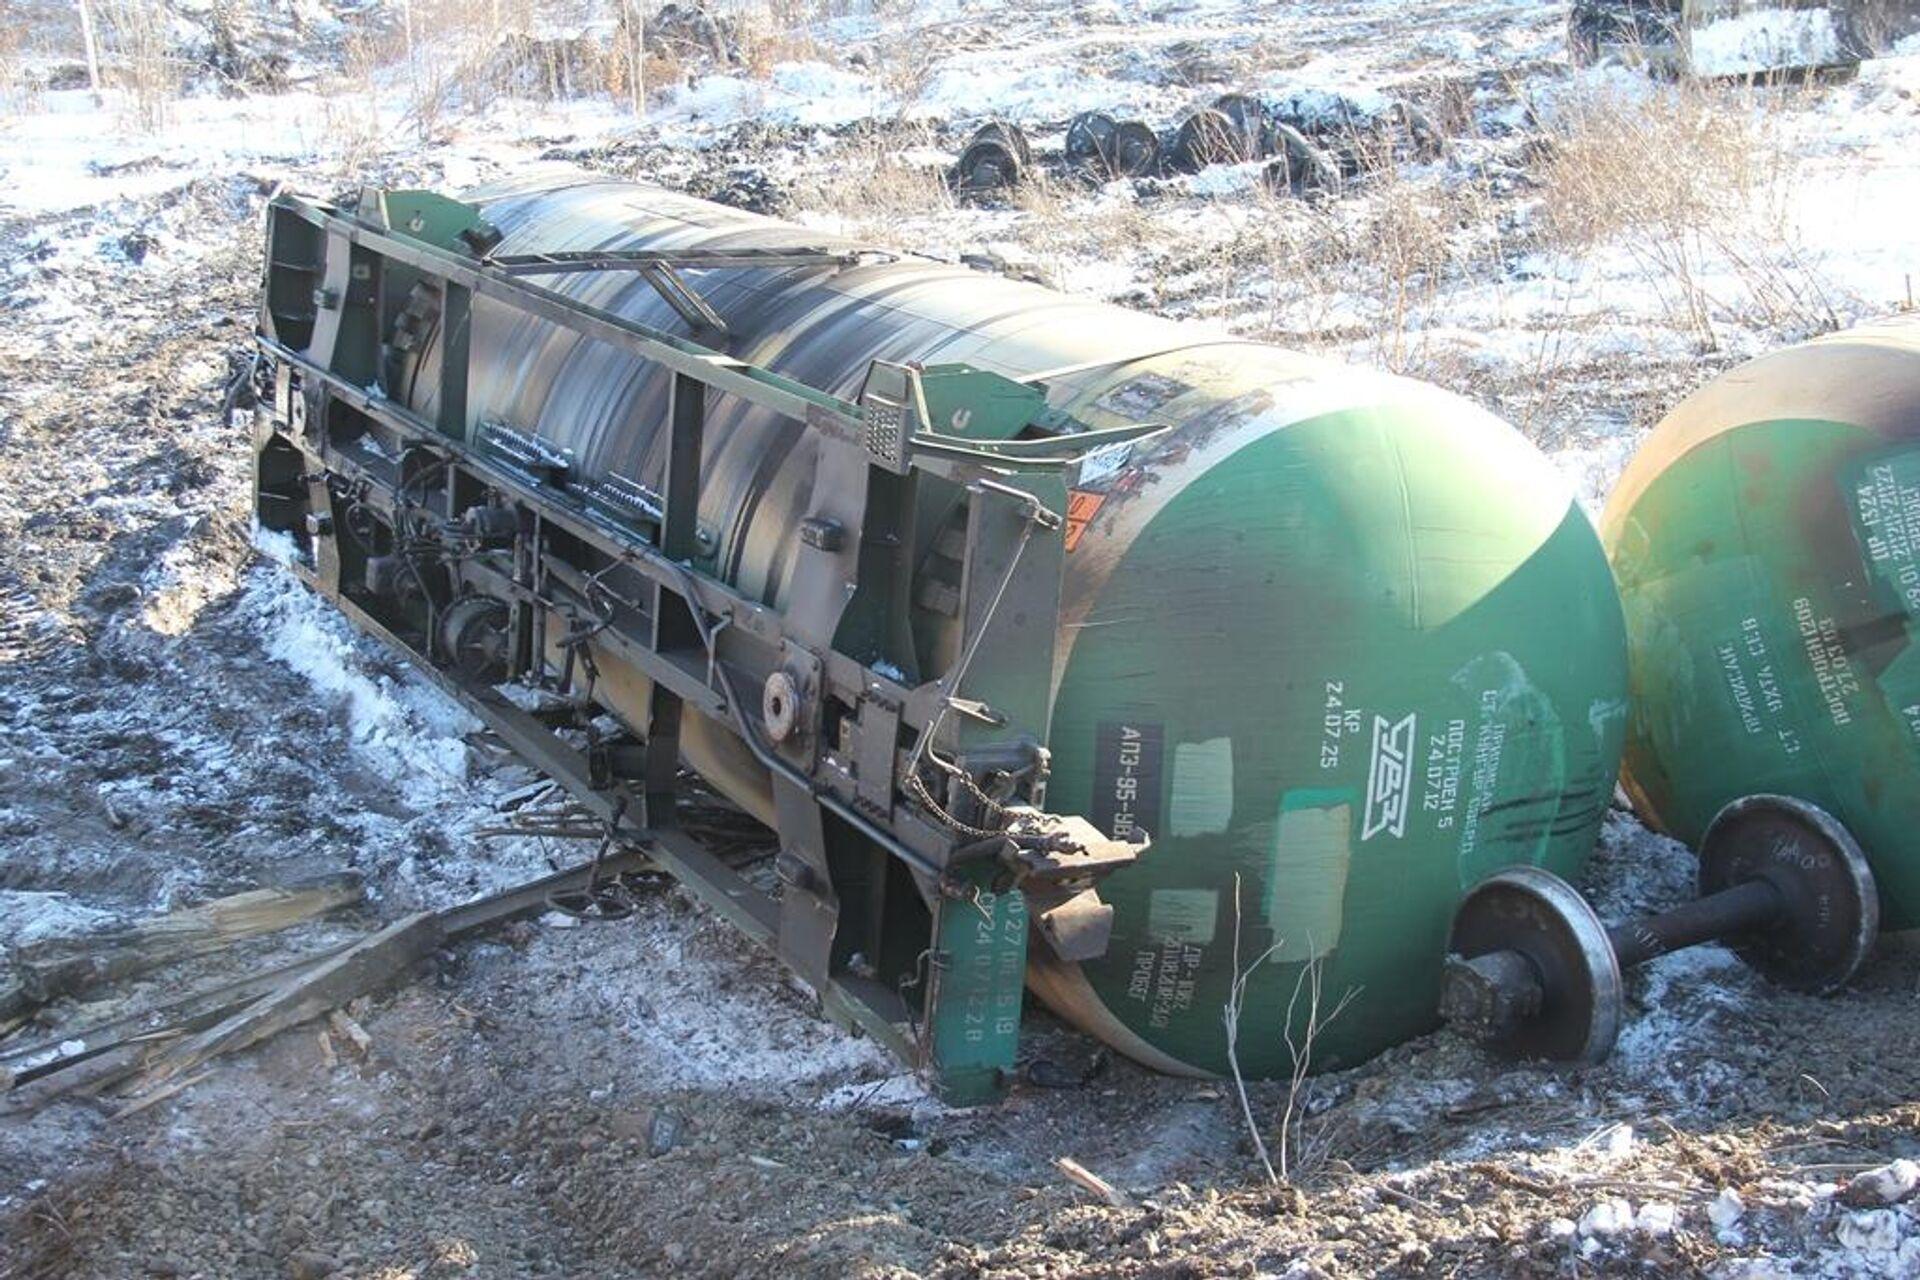 Сход 18 цистерн с нефтепродуктами на Дальневосточной железной дороге  в Хабаровском крае - РИА Новости, 1920, 06.03.2021